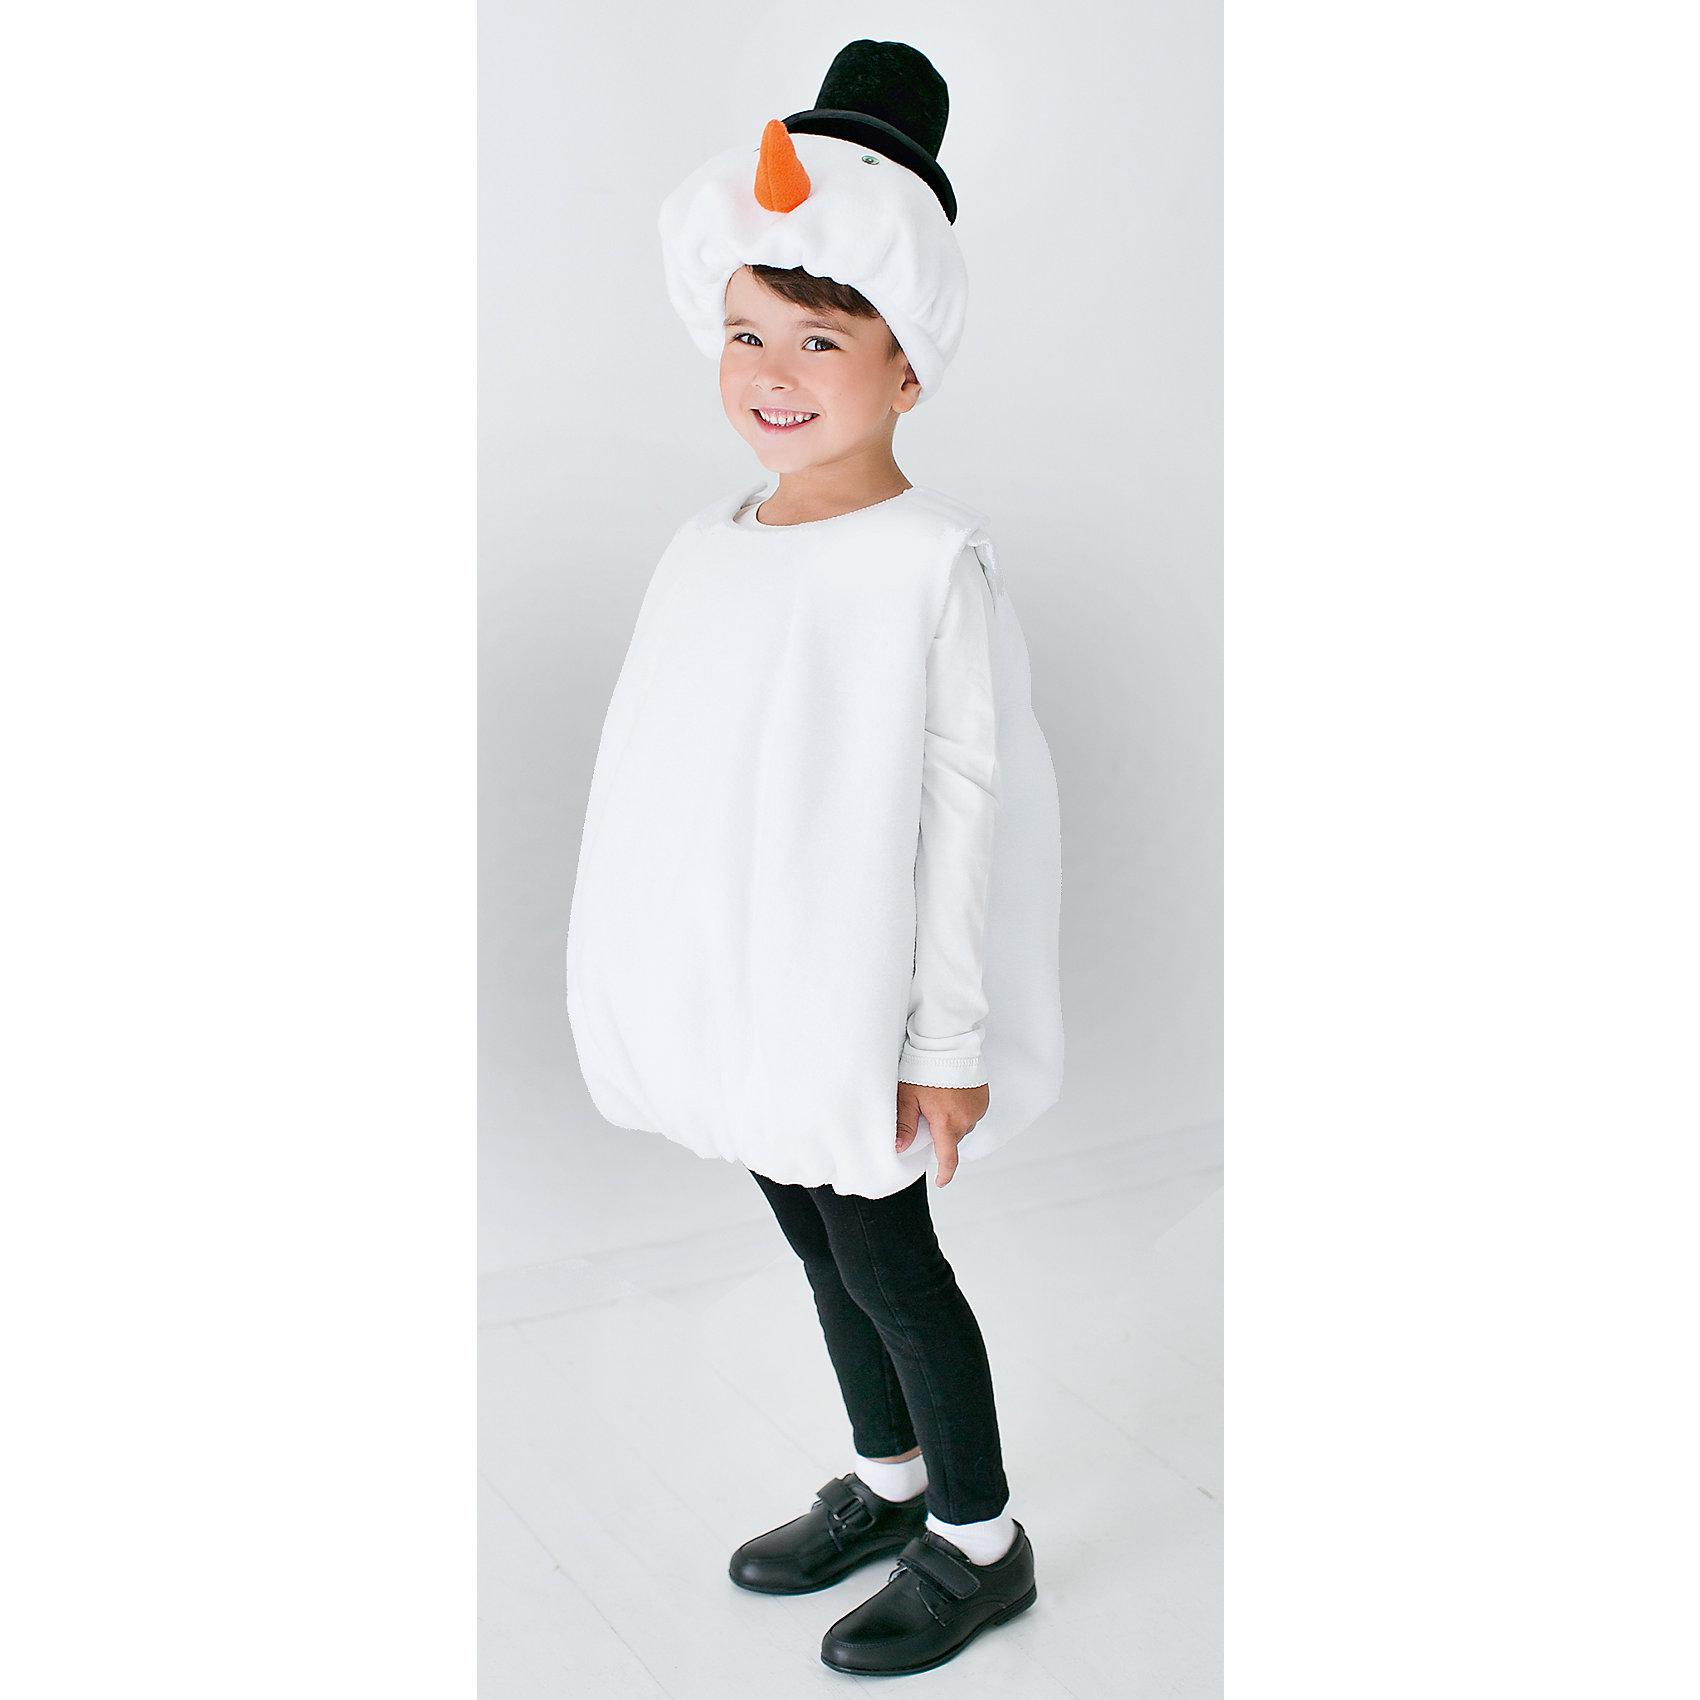 Карнавальный костюм для мальчика Снеговик, ВестификаМаски и карнавальные костюмы<br>Карнавальный костюм для мальчика Снеговик. В комплект входит шапочка и комбинезон.<br>Состав:<br>Верх-100% полиэстер;<br>Подкладка-100% хлопок.<br><br>Ширина мм: 236<br>Глубина мм: 16<br>Высота мм: 184<br>Вес г: 177<br>Цвет: белый<br>Возраст от месяцев: 48<br>Возраст до месяцев: 72<br>Пол: Мужской<br>Возраст: Детский<br>Размер: 104/116,128/134<br>SKU: 4234715